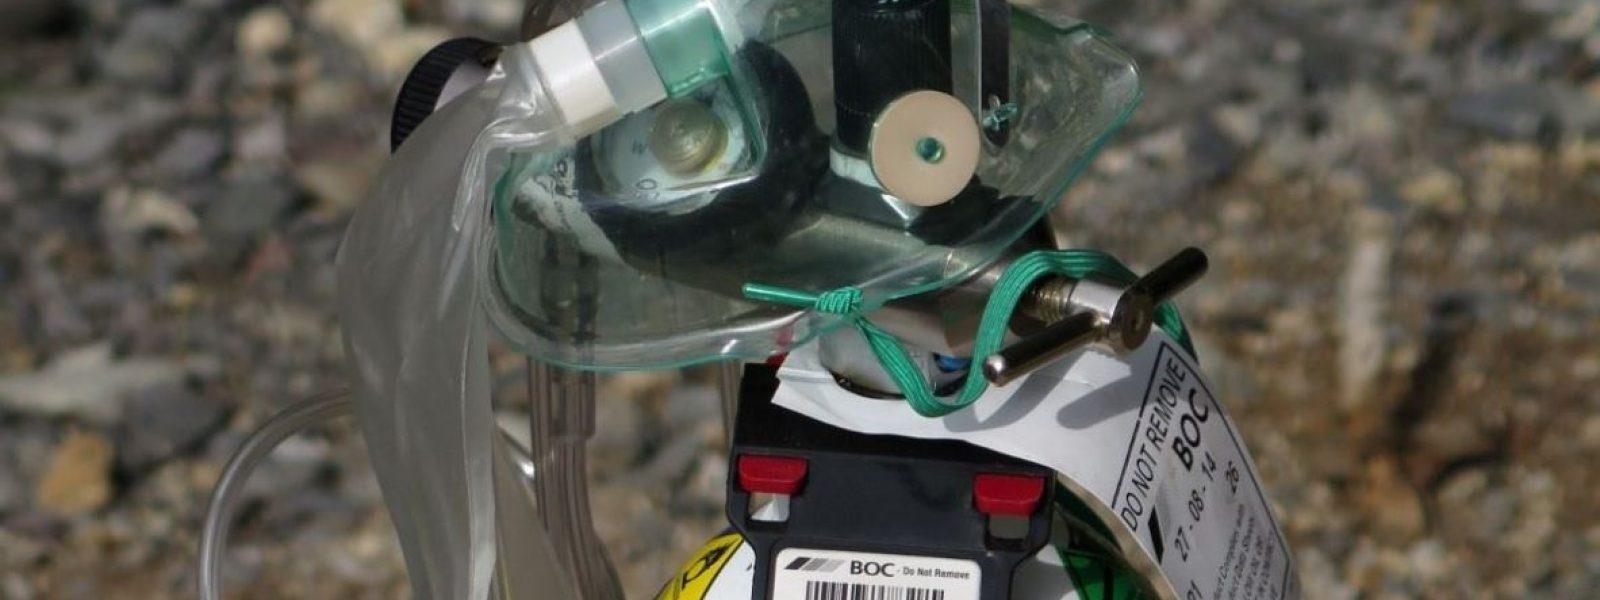 Pre-Hospital Oxygen Use - Header Image